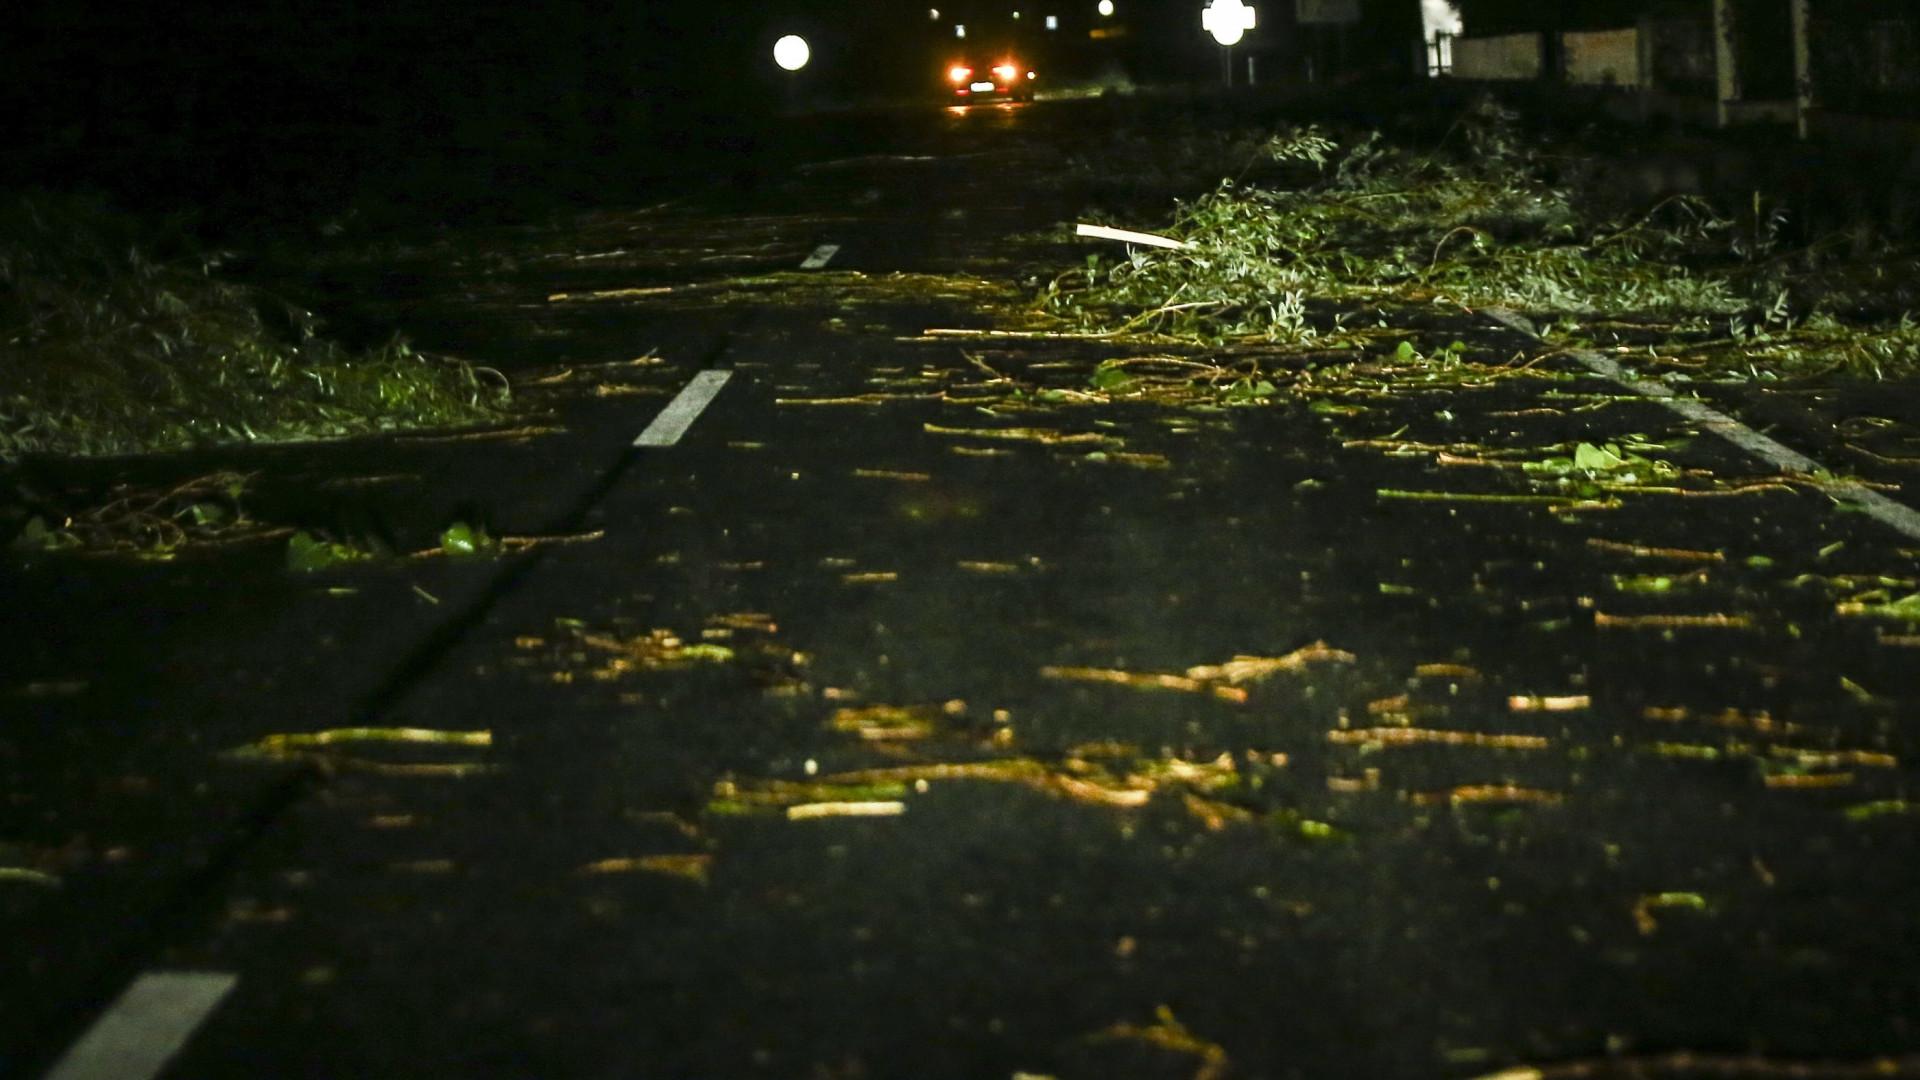 Leslie provocou prejuízos superiores a 32 milhões na Figueira da Foz